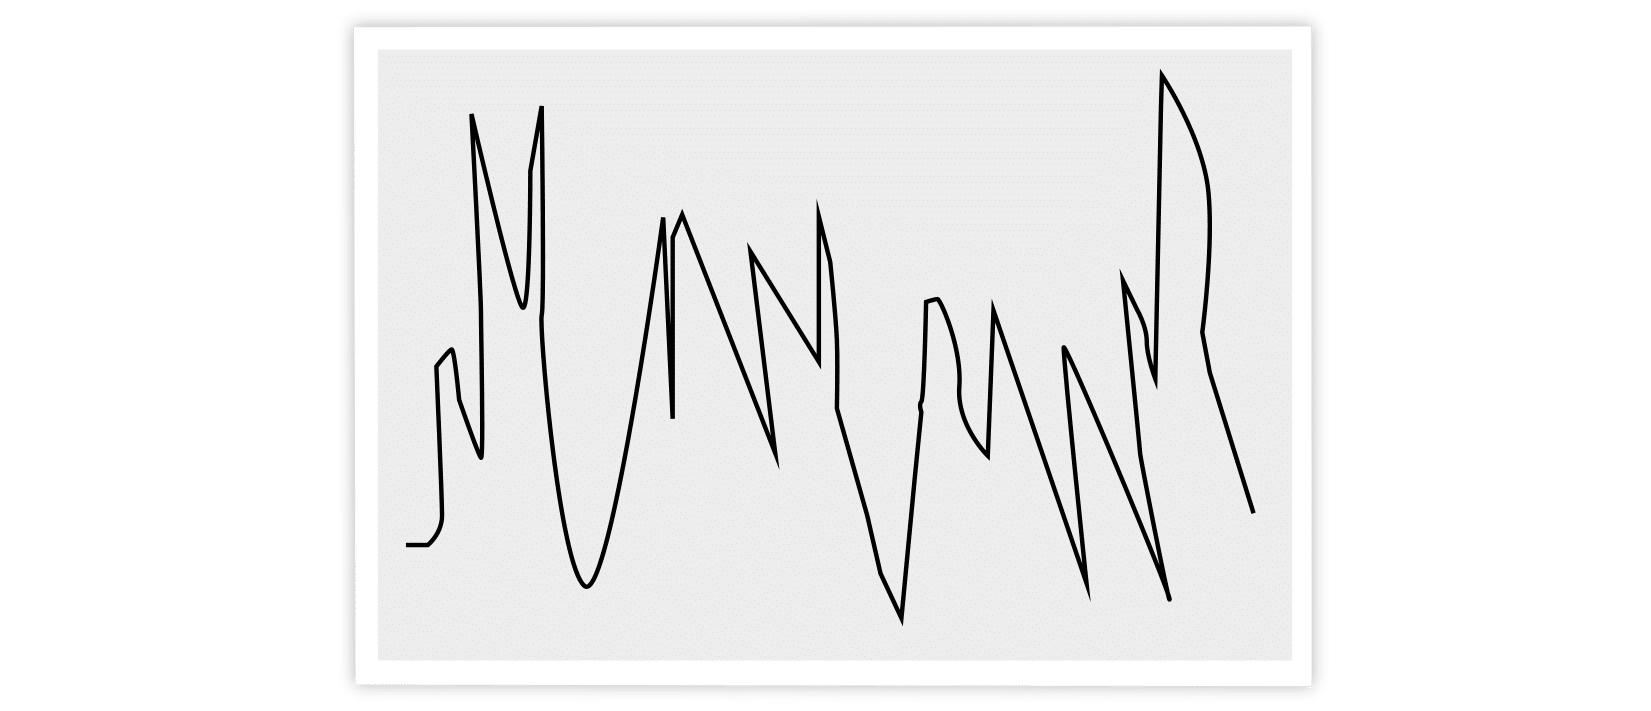 asymmetrical peak shapes, chromatography, chromatogram